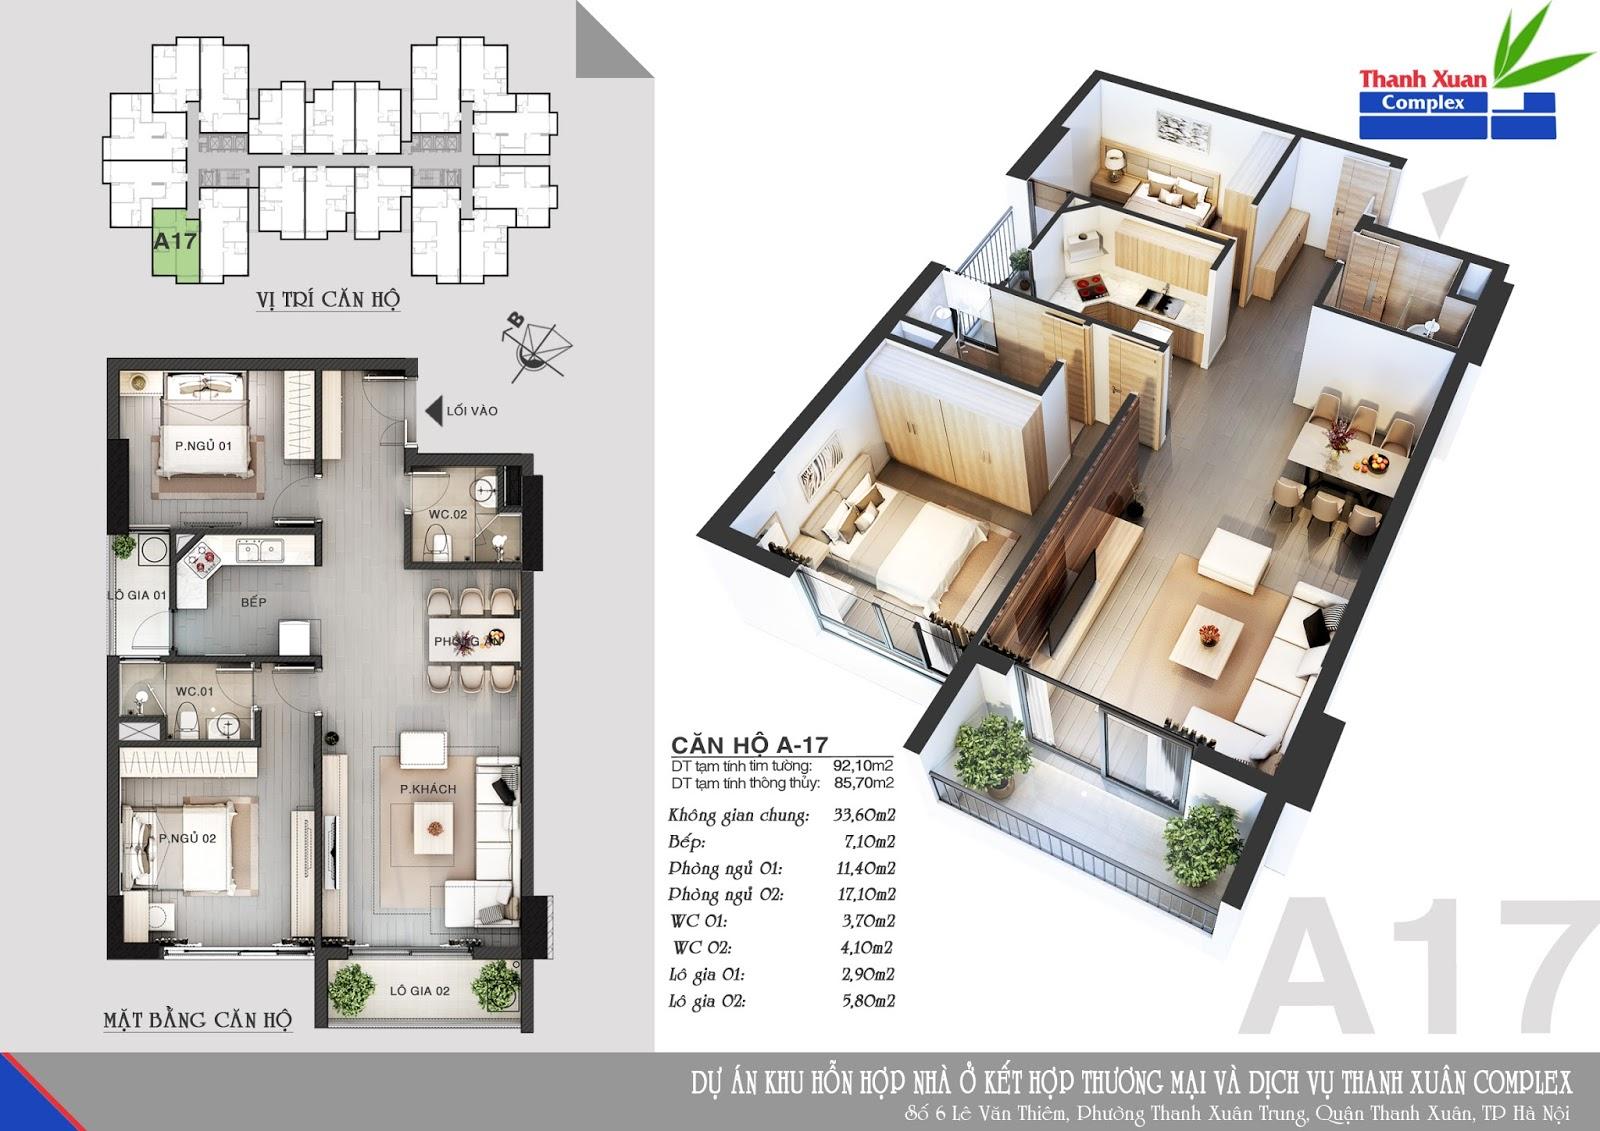 Mặt bằng chung cư thanh Xuân Complex 5